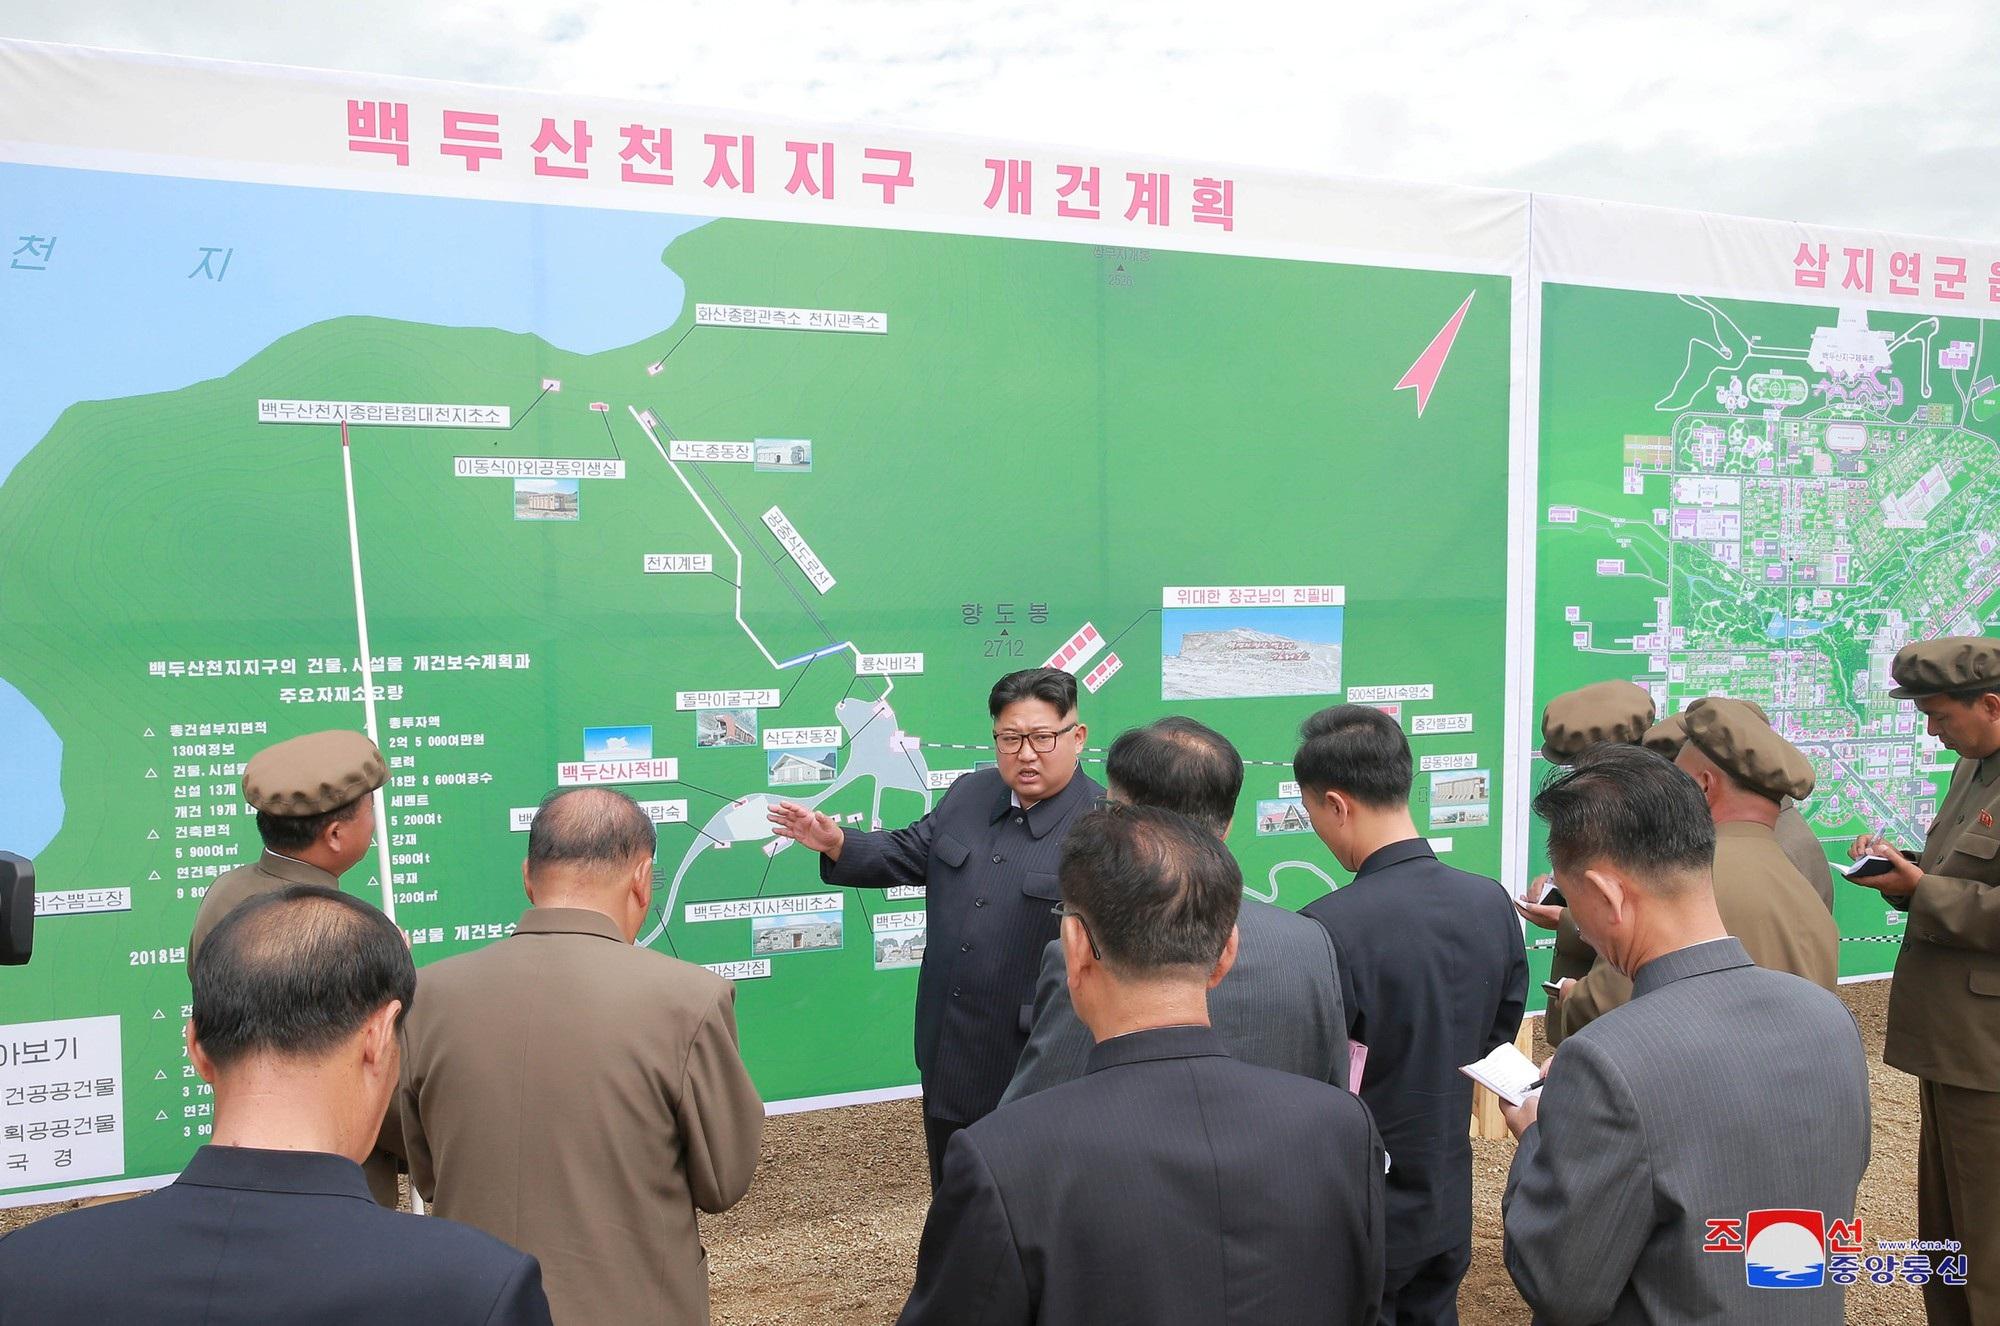 Ông Kim Jong-un thị sát công trình xây dựng tại Samjiyon.